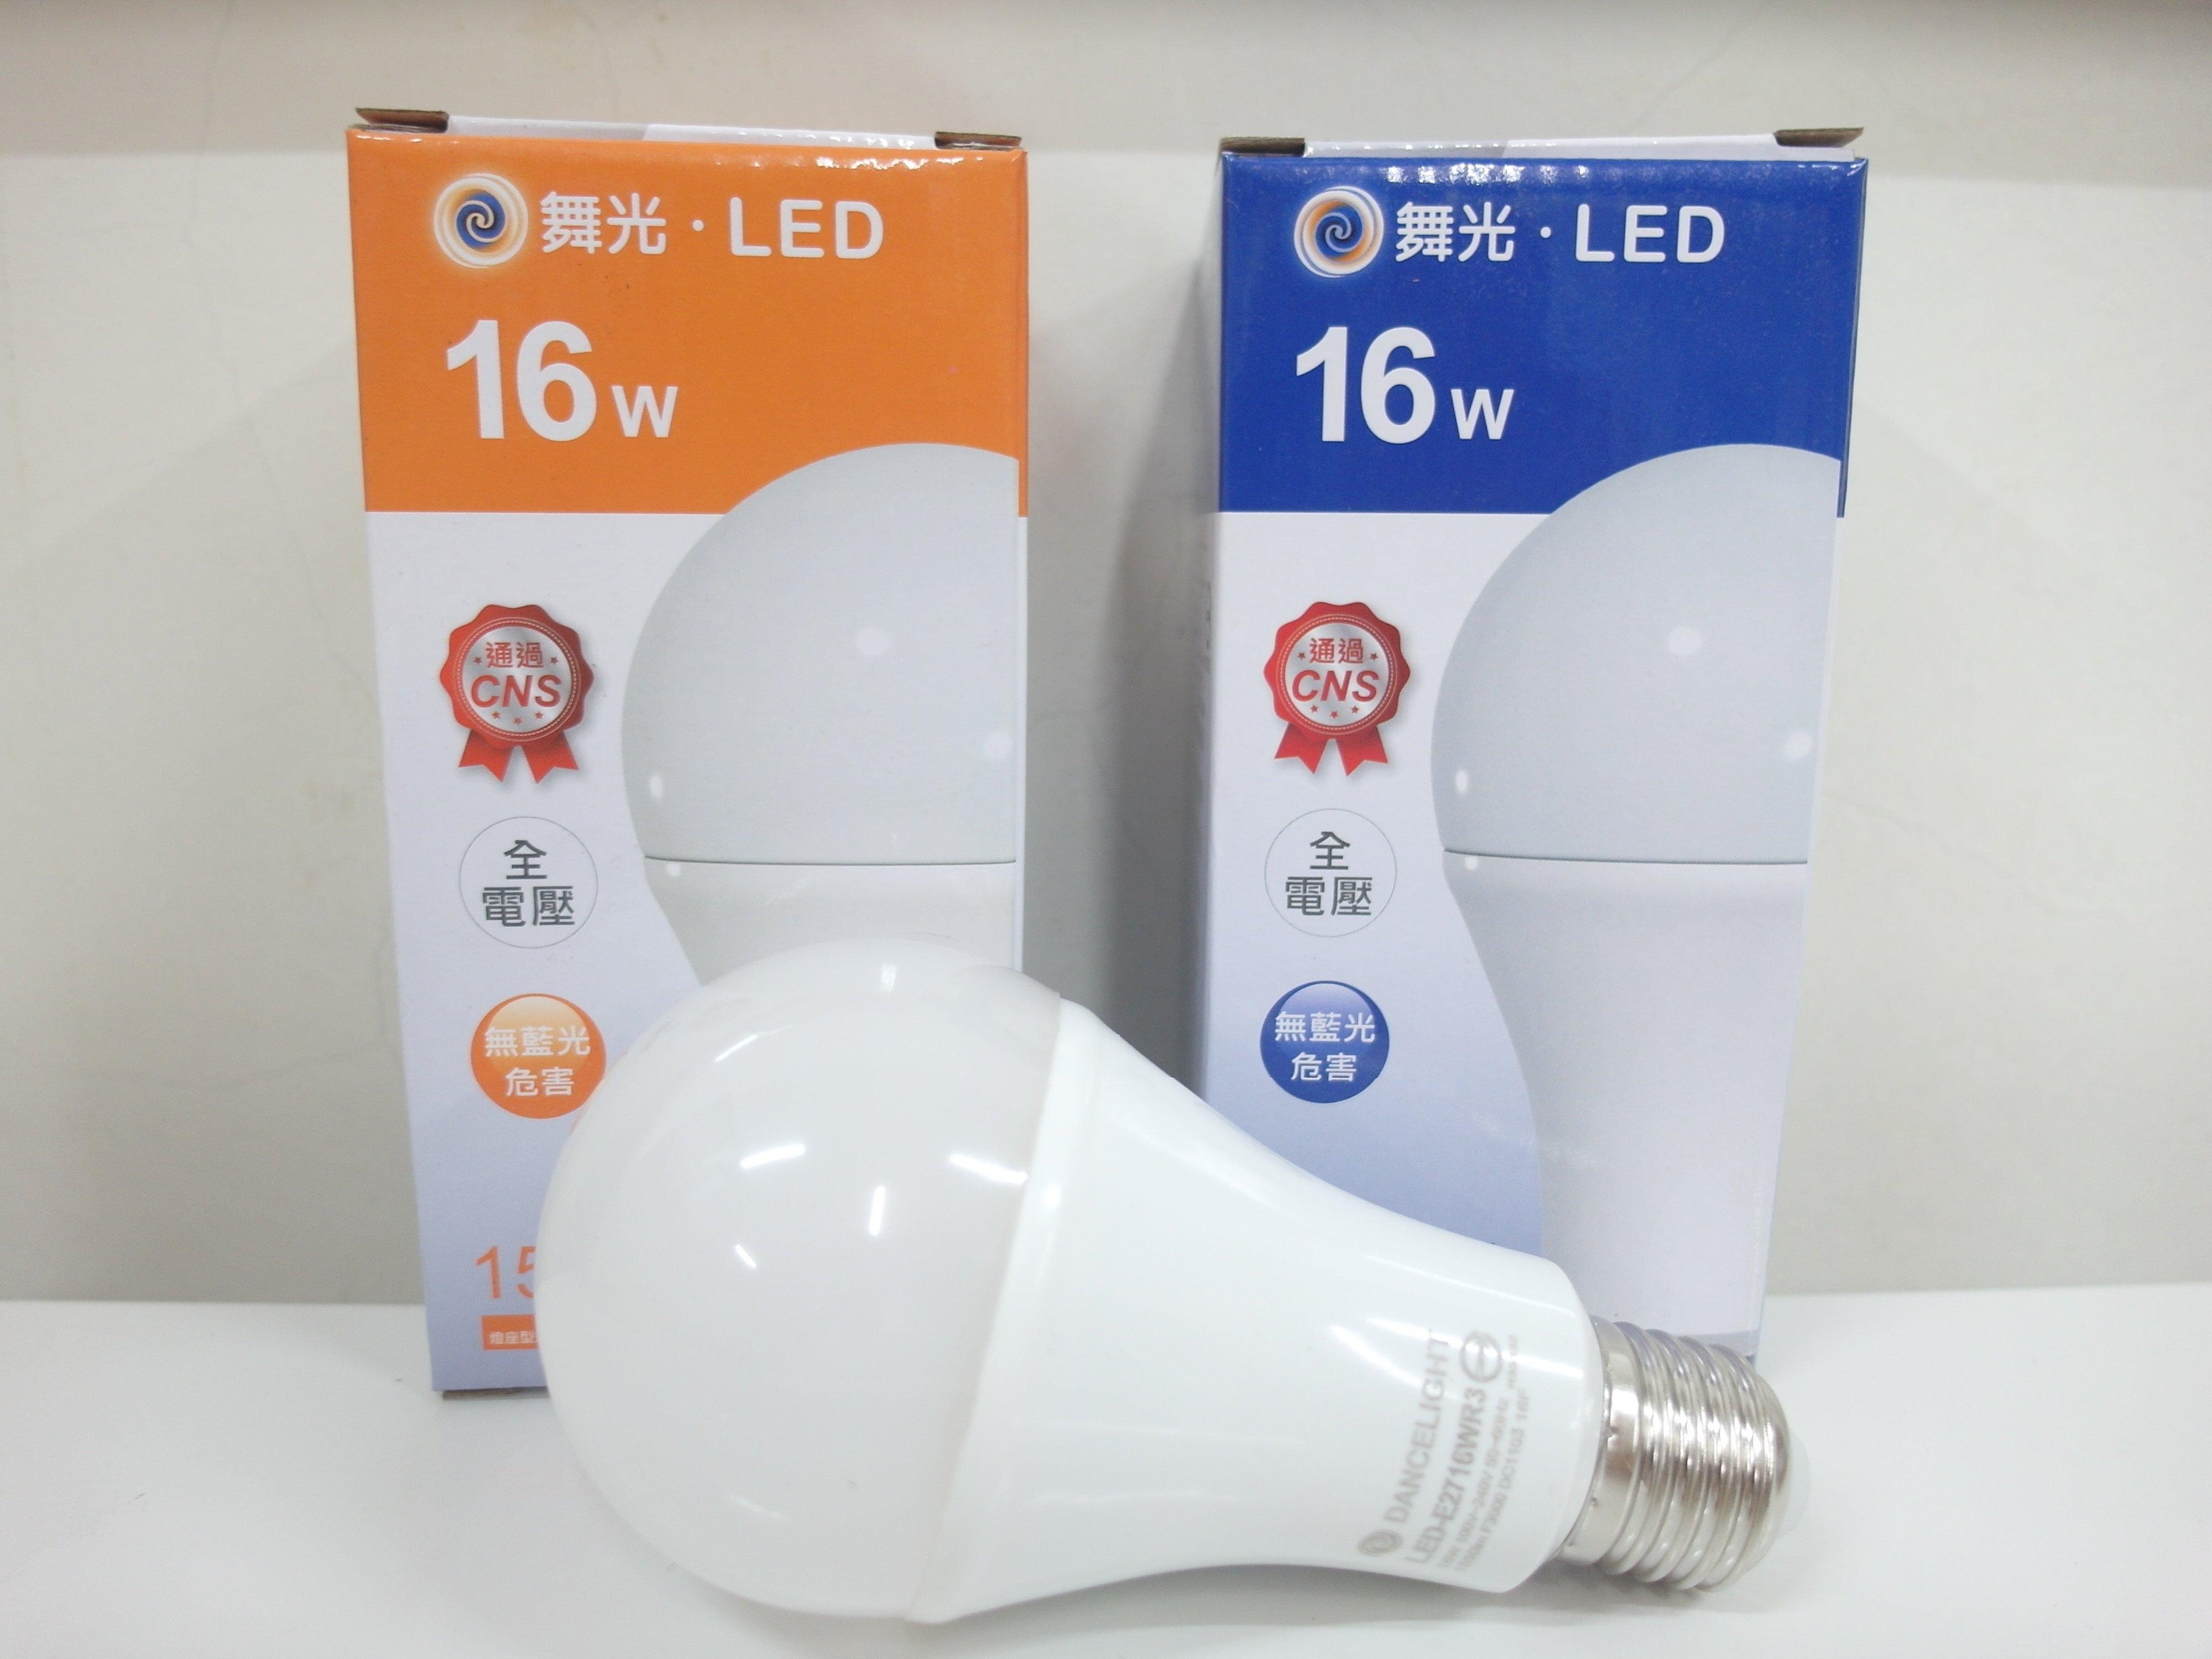 【高雄 】 兩年 舞光 16W LED燈泡 省電燈泡 全周光 CNS 無藍光 高亮度 不輸 飛利浦 億光 旭光